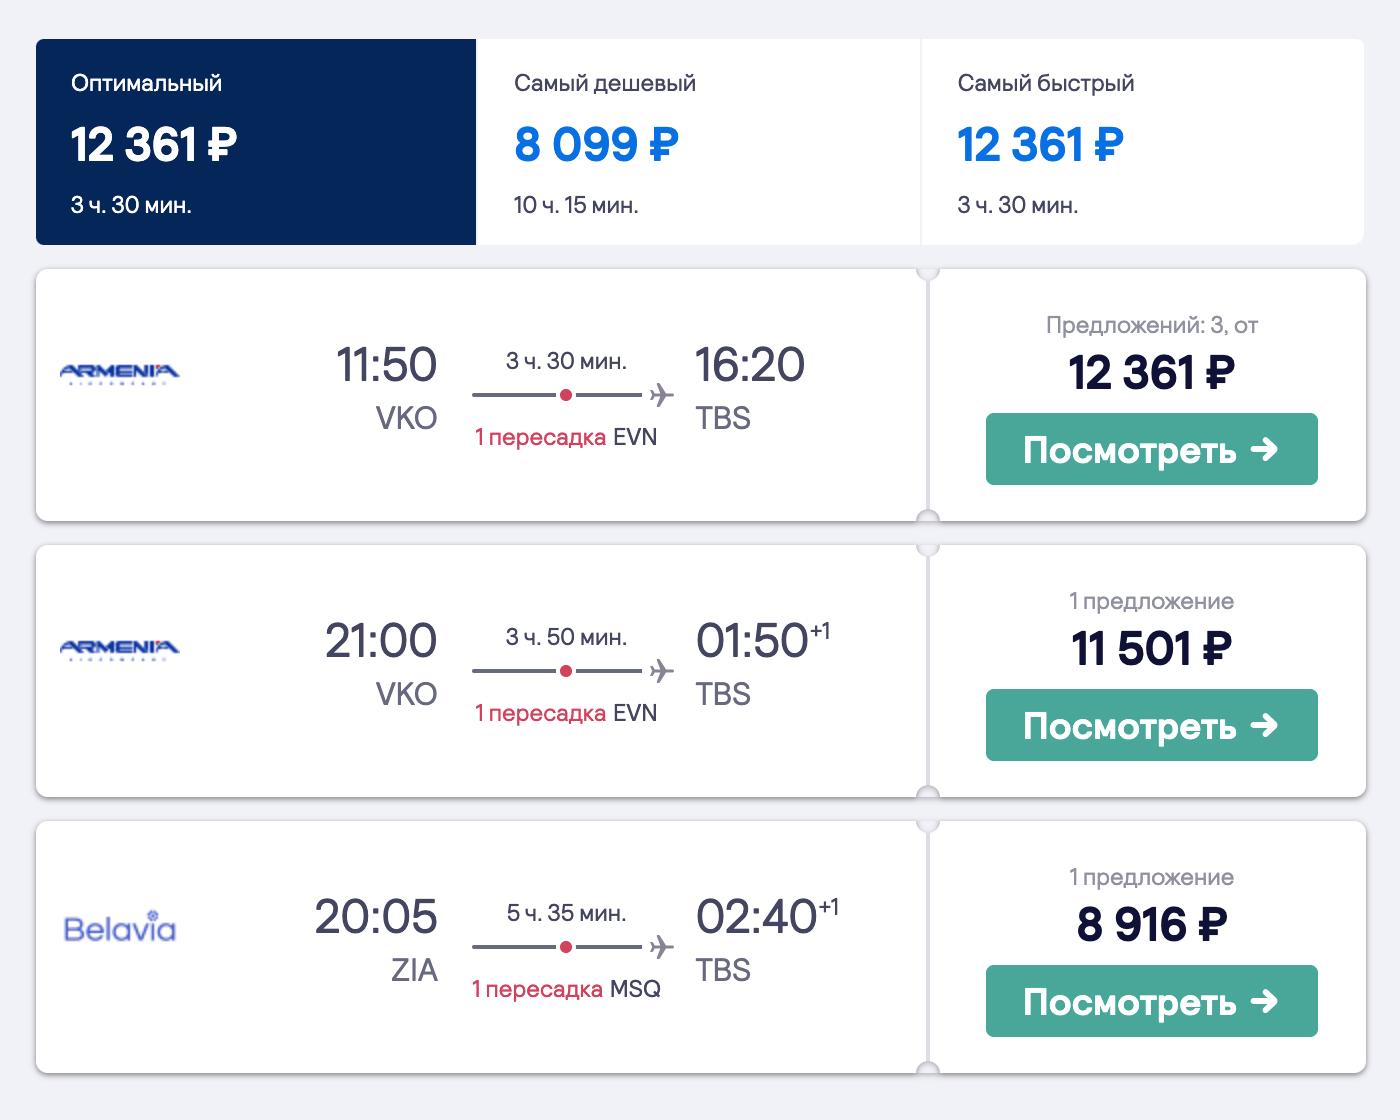 Цена билетов Москва — Тбилиси с одной пересадкой в Ереване (EVN) или Минске (MSQ) на 20 августа 2020года